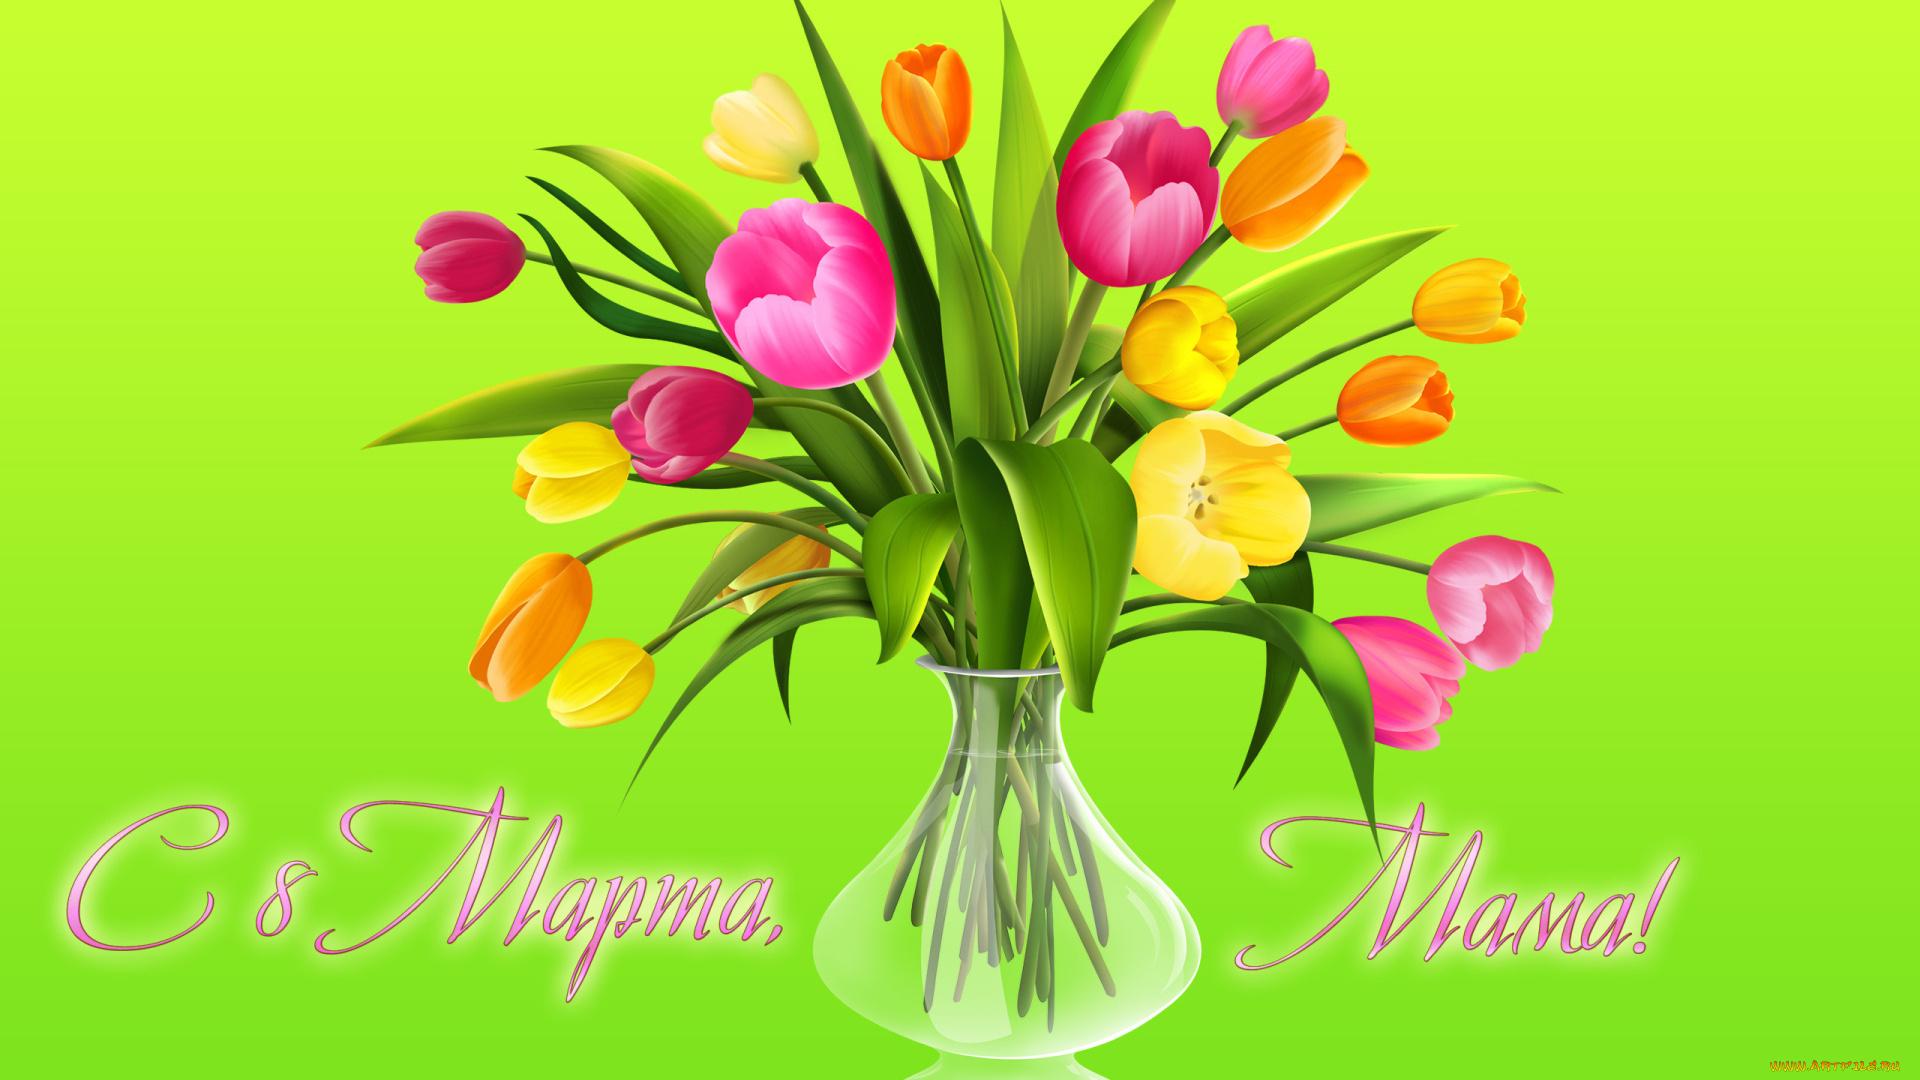 Открытка для мамы в день 8 марта, днем рождения для